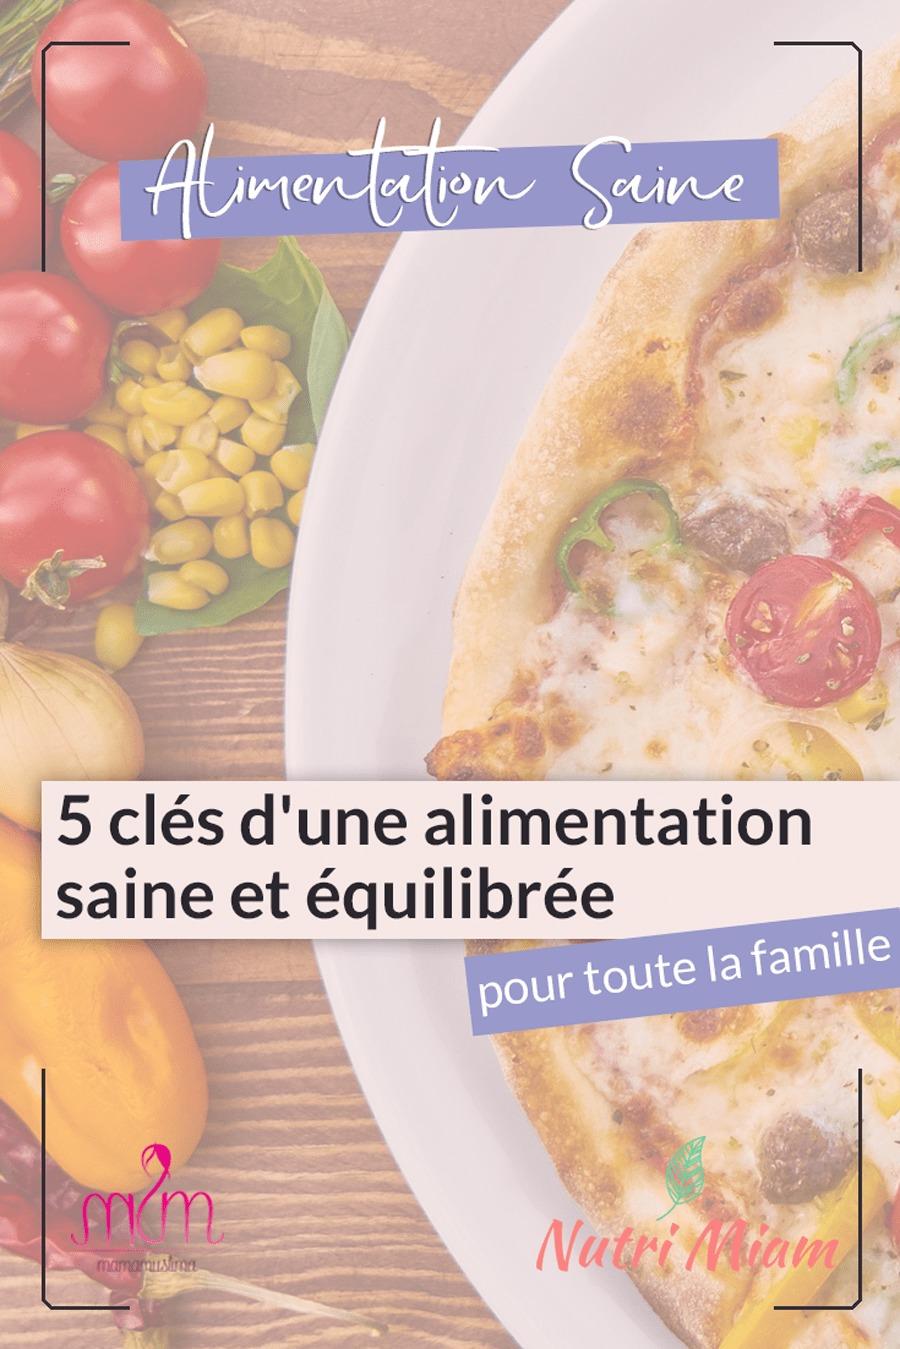 Manger sain : 5 Clés d'une alimentation saine pour toute la famille